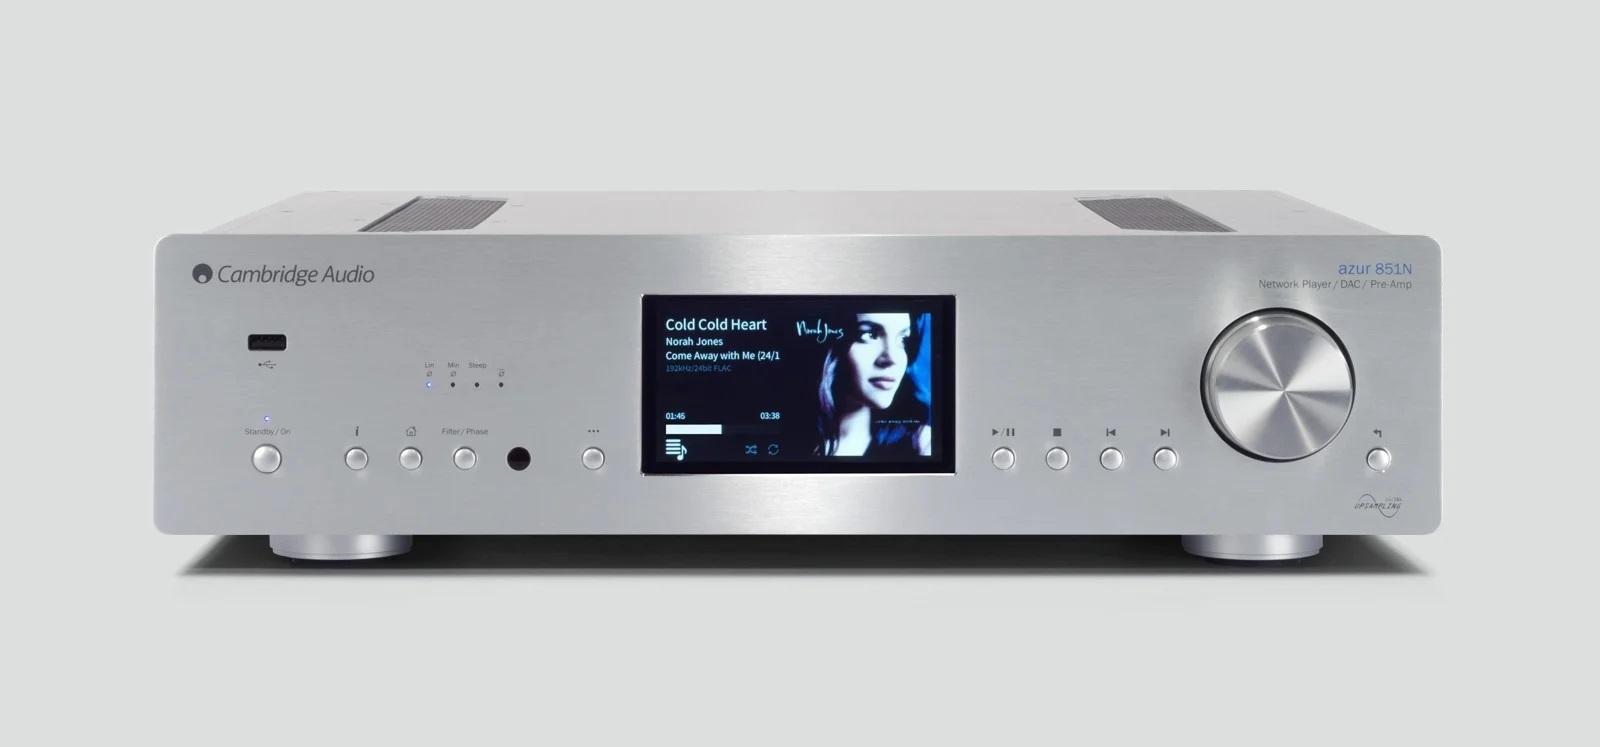 Cambridge Audio Azur 851 N